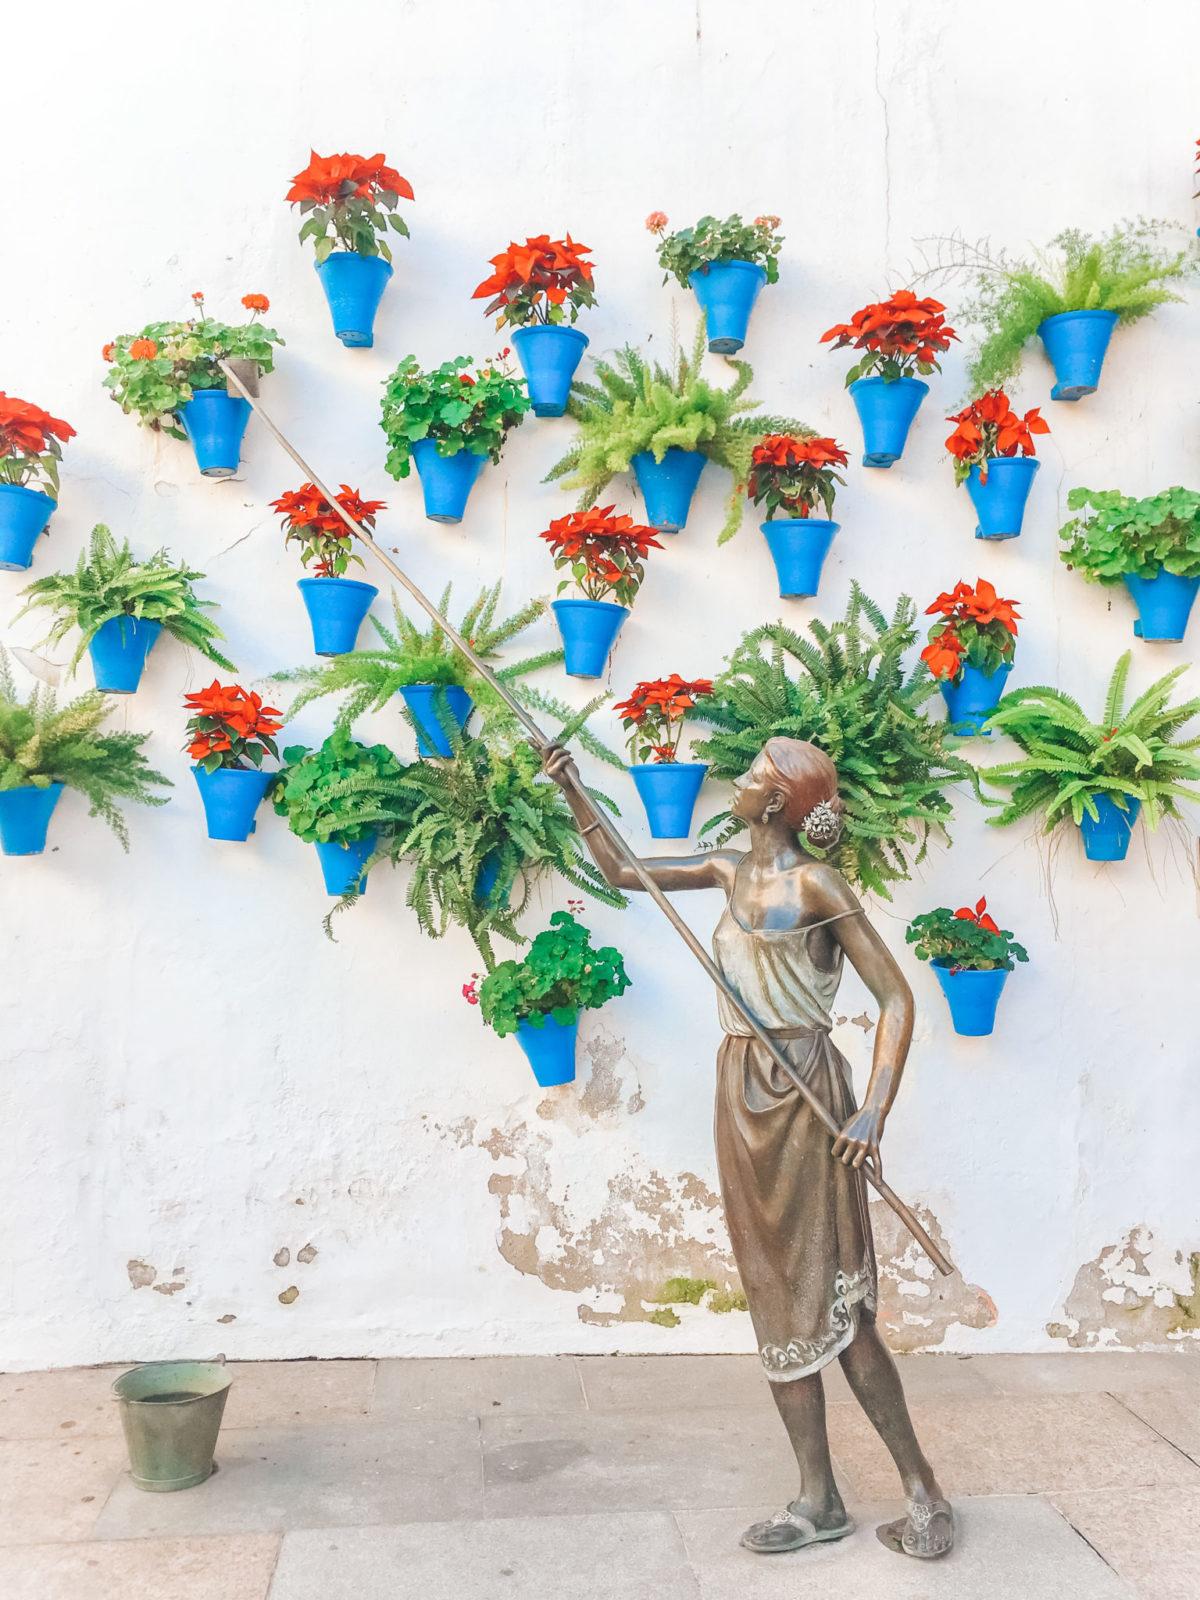 Патио в Кордобе - Что посмотреть в испанской Андалусии?